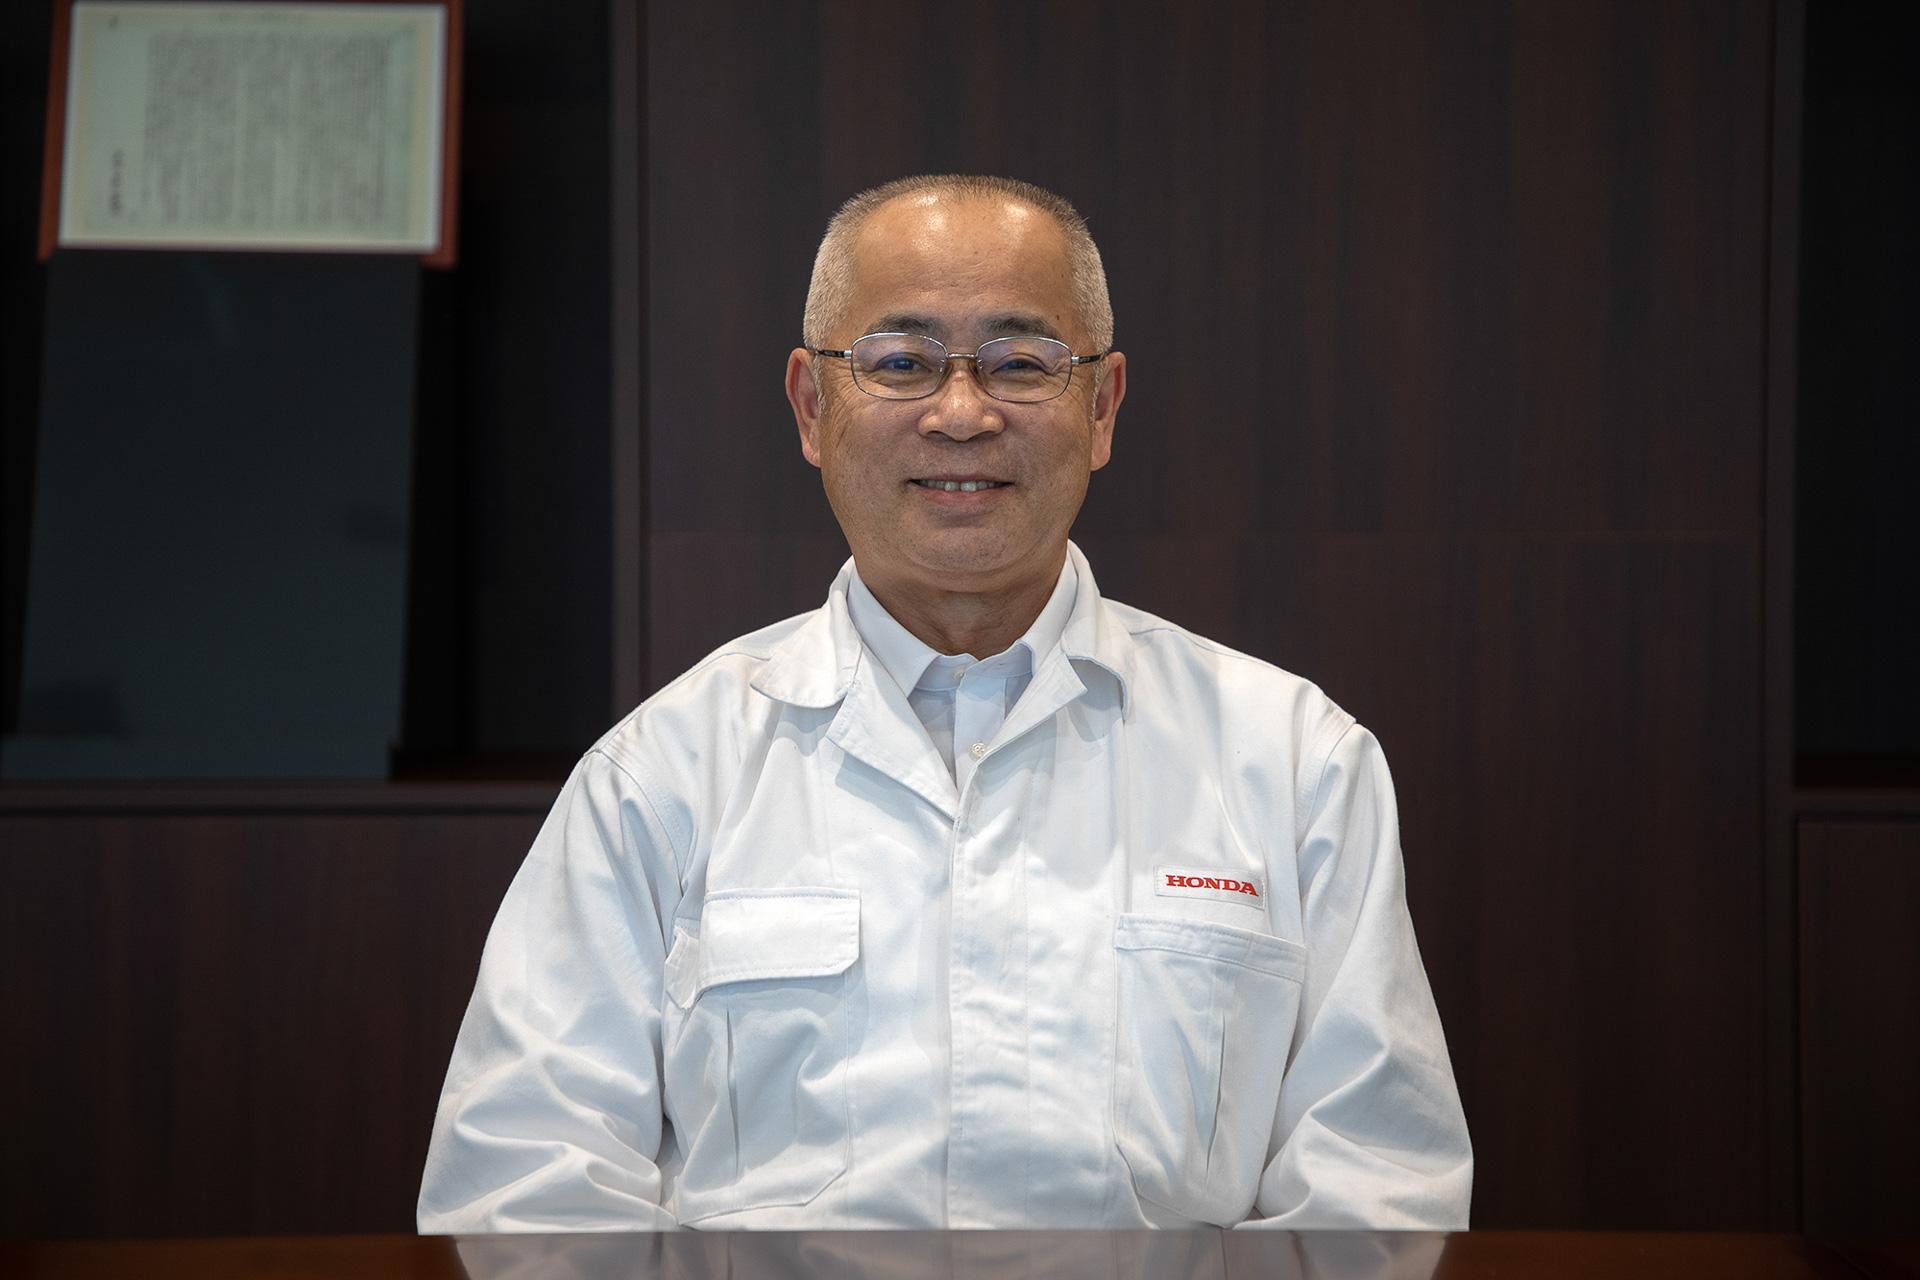 ホンダ f1 勝利 の 理由 エンジン 開発 を 担う 本田 技術 研究 所 hrd sakura 浅木 泰昭 氏 に 聞く